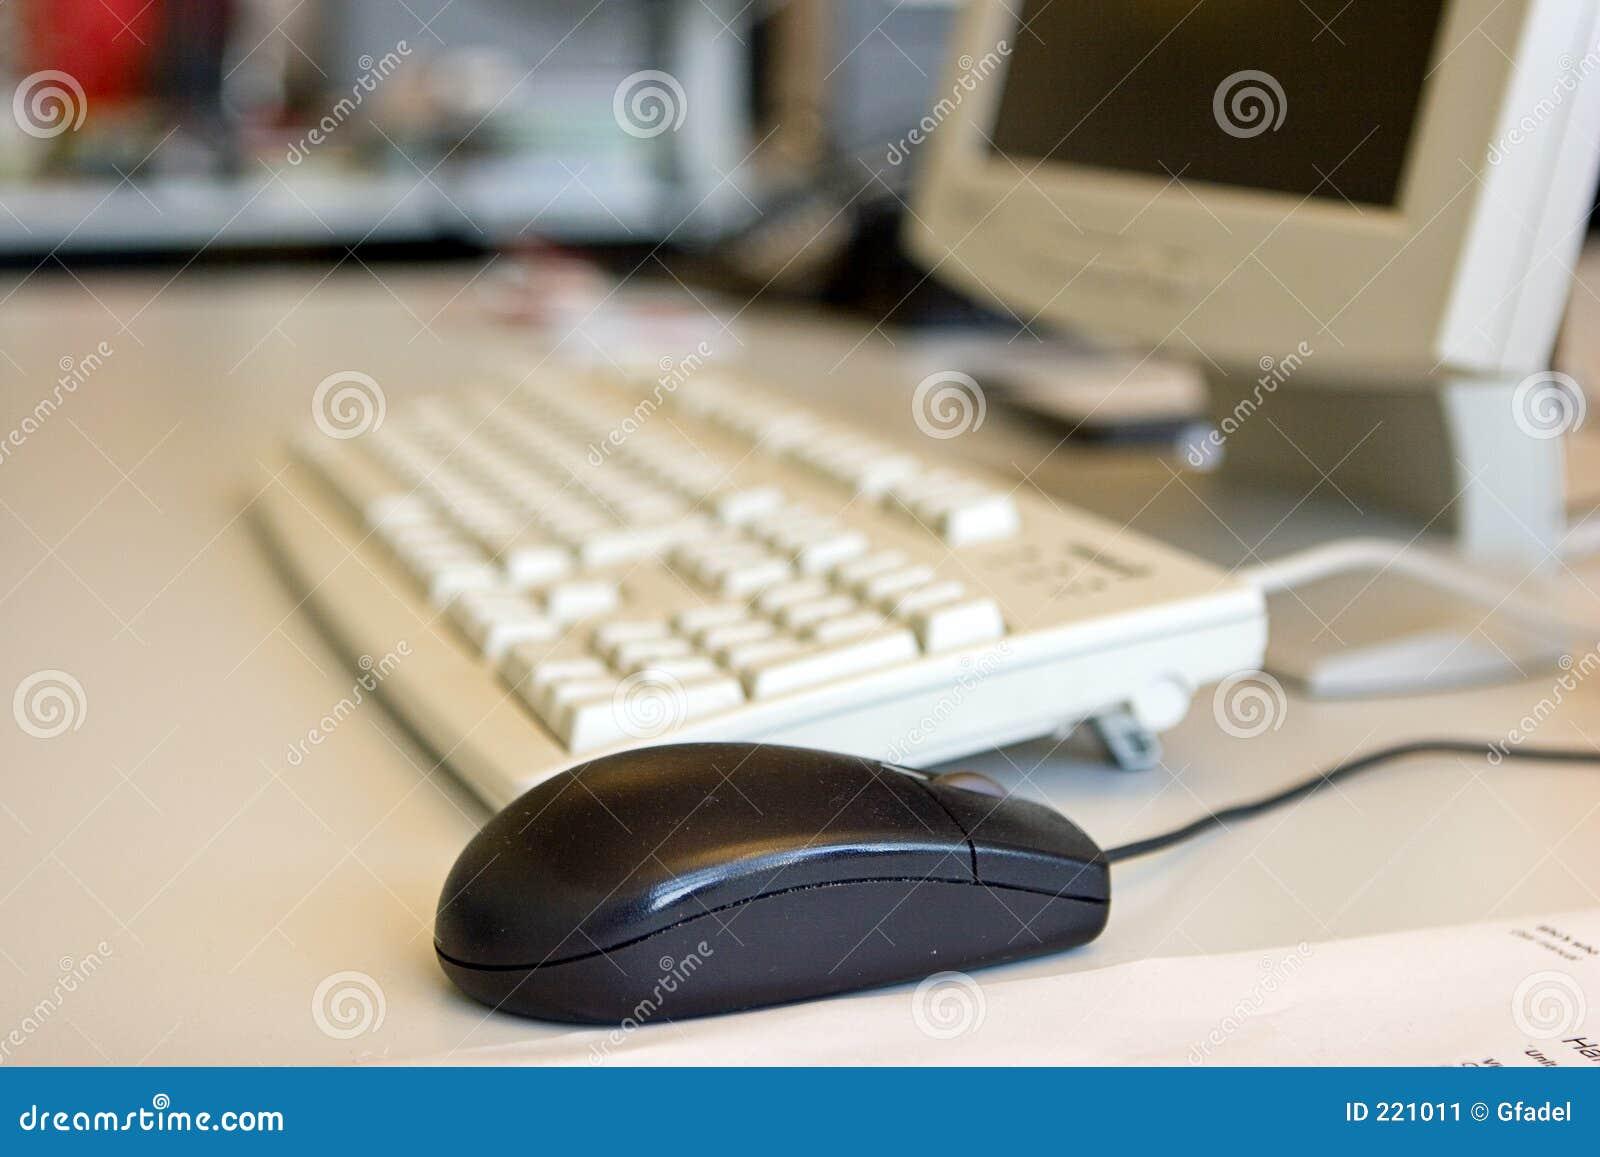 Mouse & tastiera